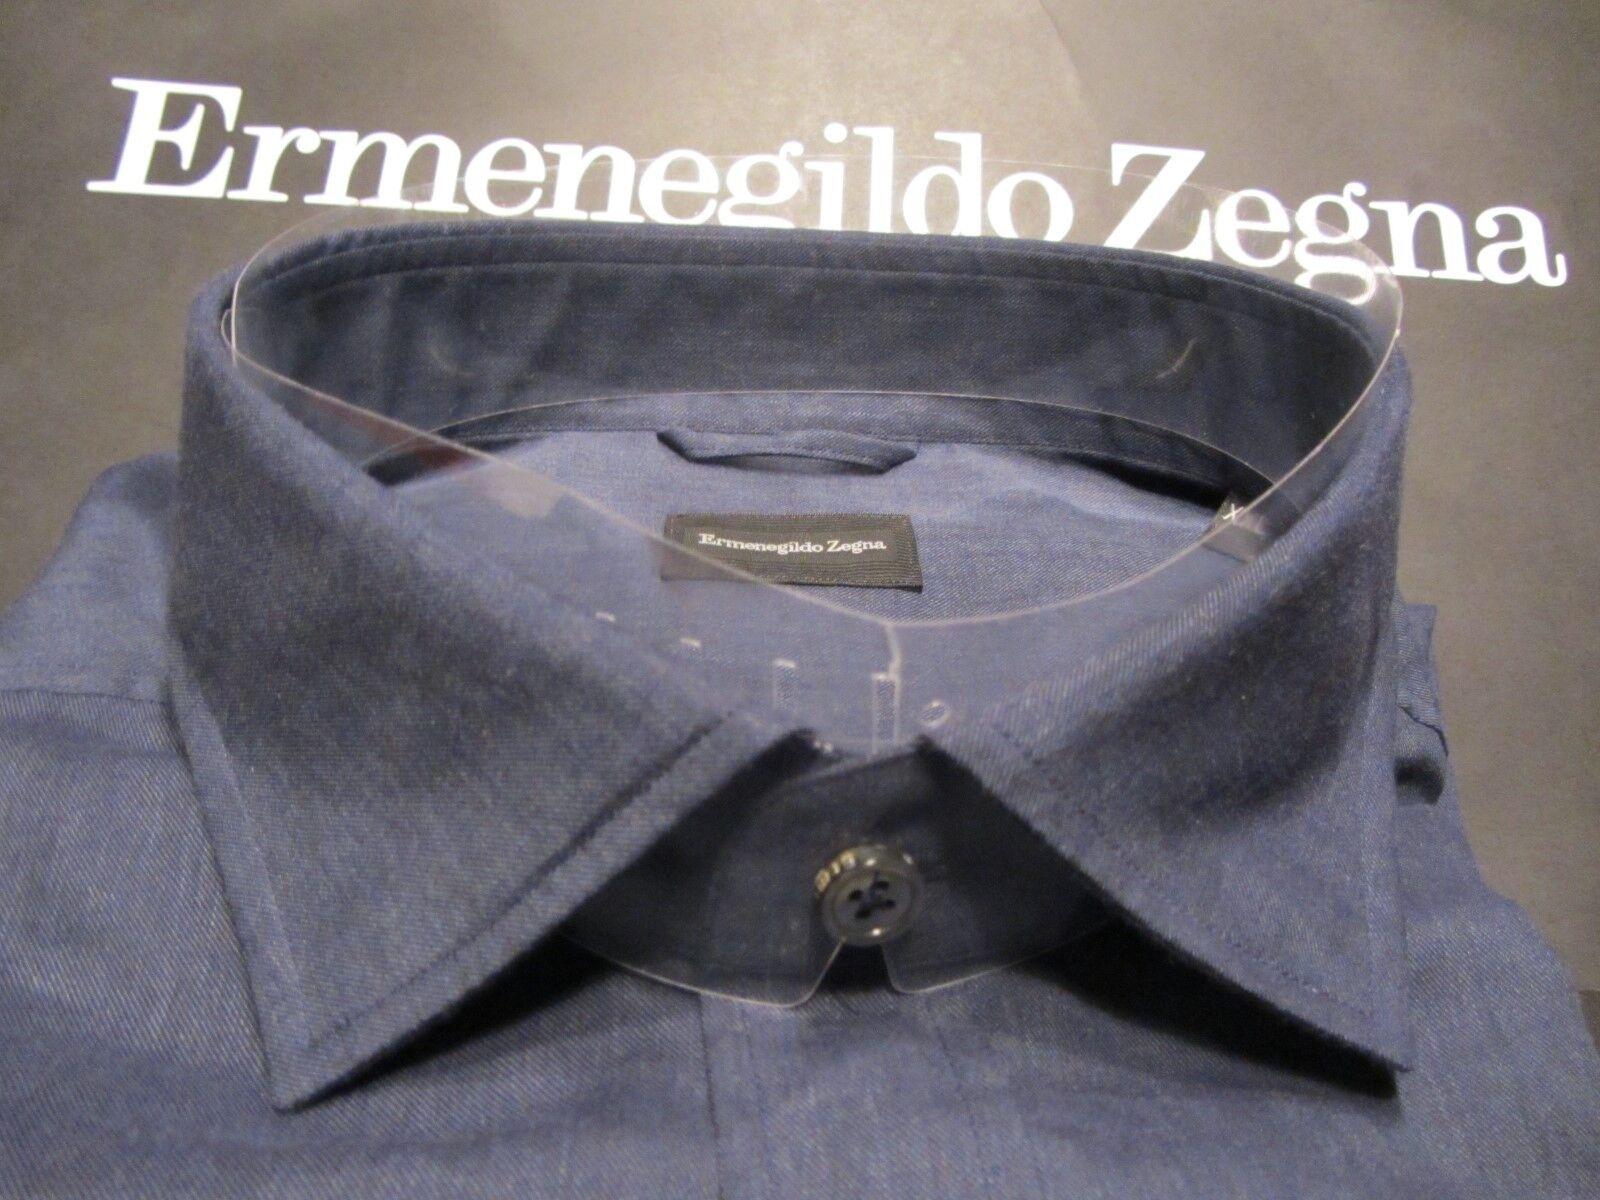 Ermenegildo Ermenegildo Ermenegildo Zegna  XXL  45 46   SUPER ANGENEHM + EXTRAKLASSE     9922   | Züchtungen Eingeführt Werden Eine Nach Der Anderen  99c077